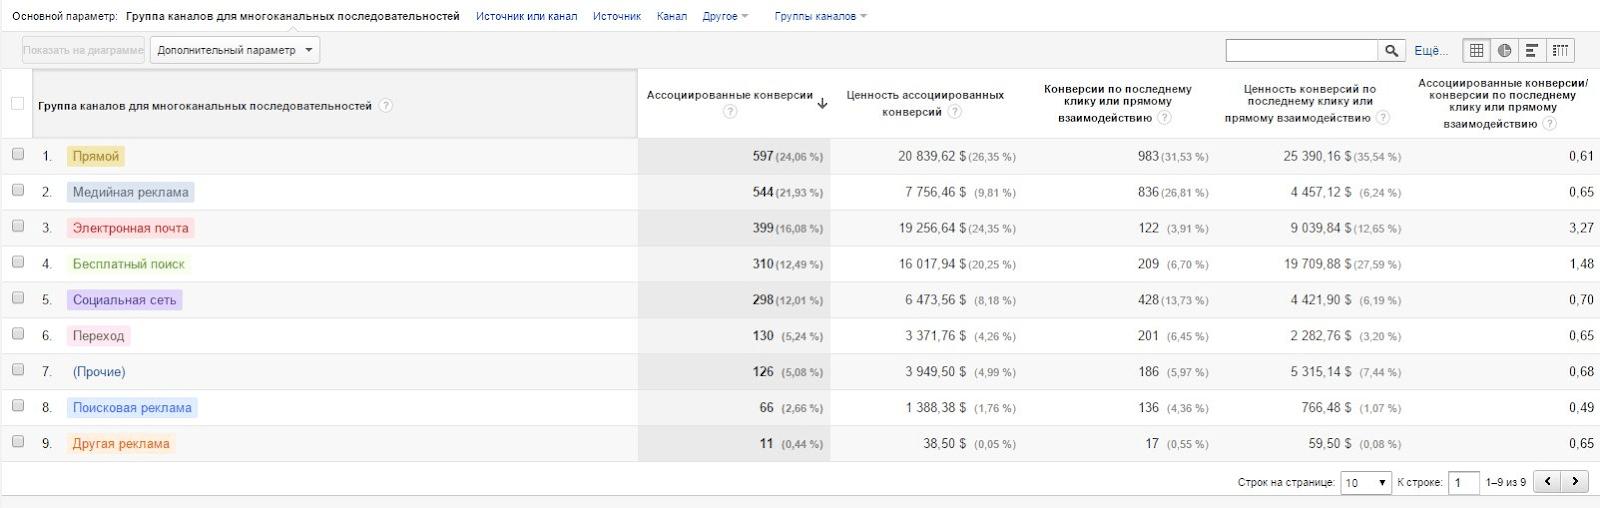 Пример отчета по ассоциированным конверсия в Google Analytics.